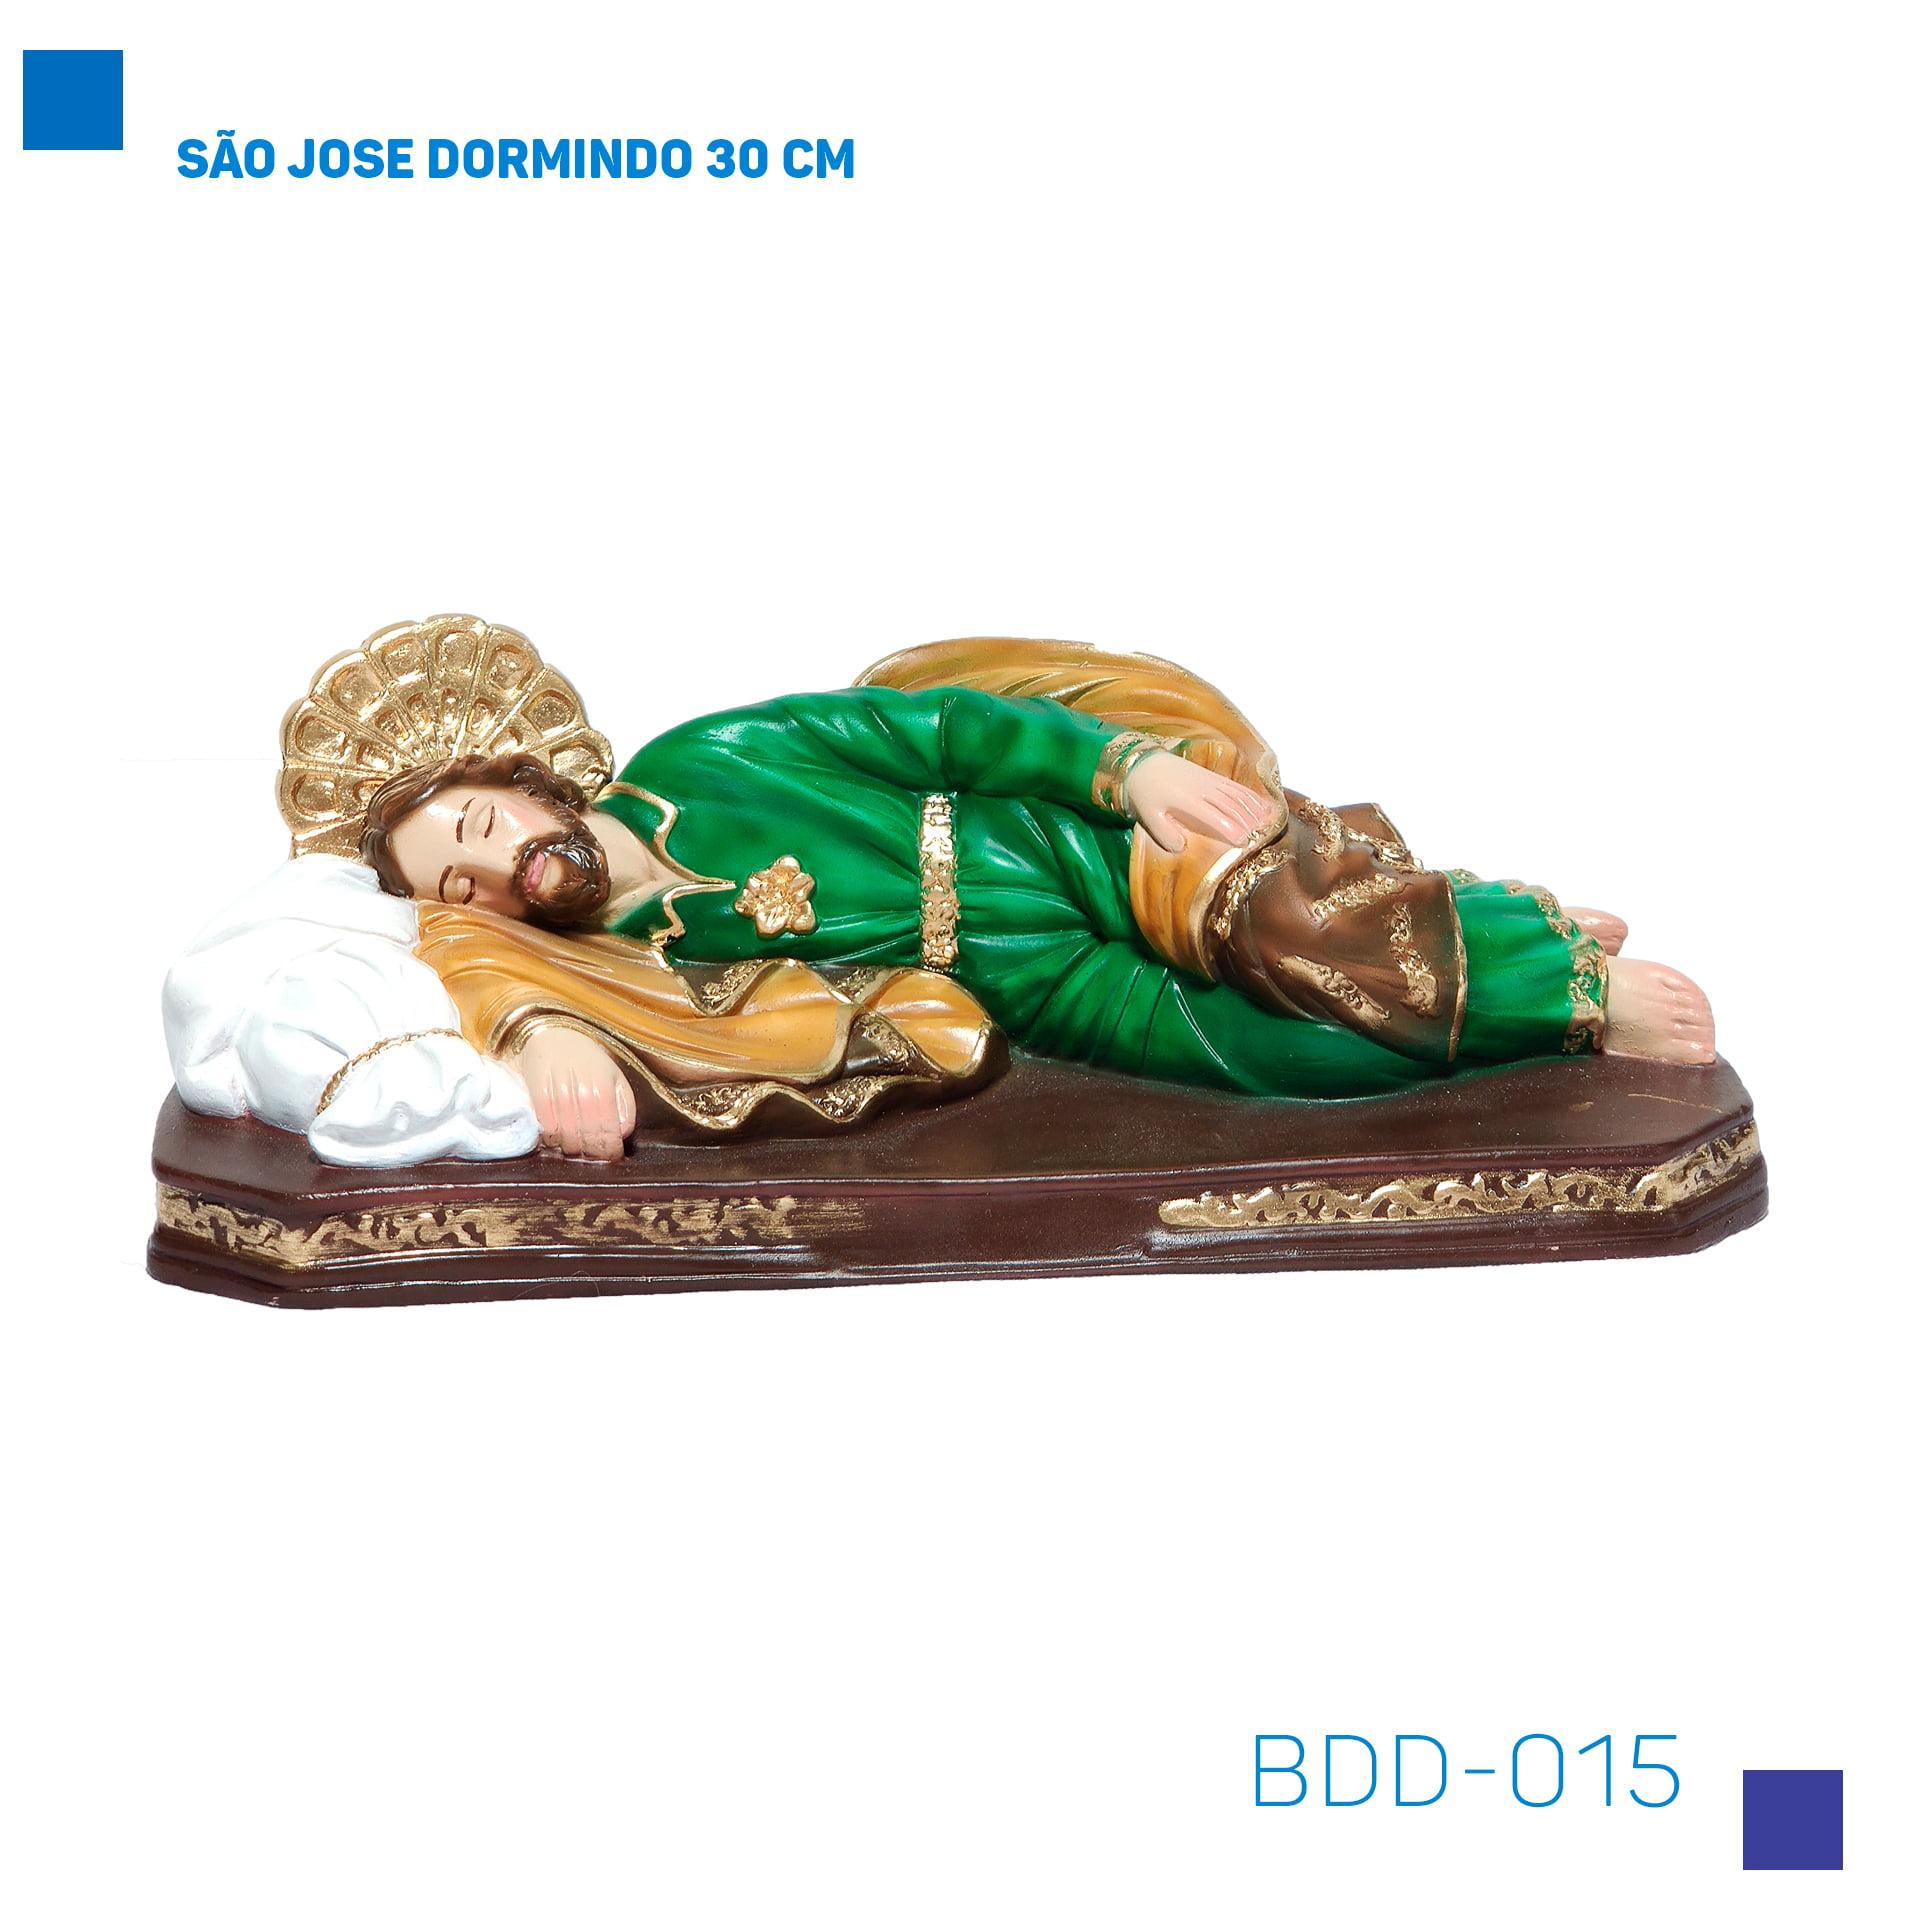 Bira Artigos Religiosos - São José 30 cm - BDD-015